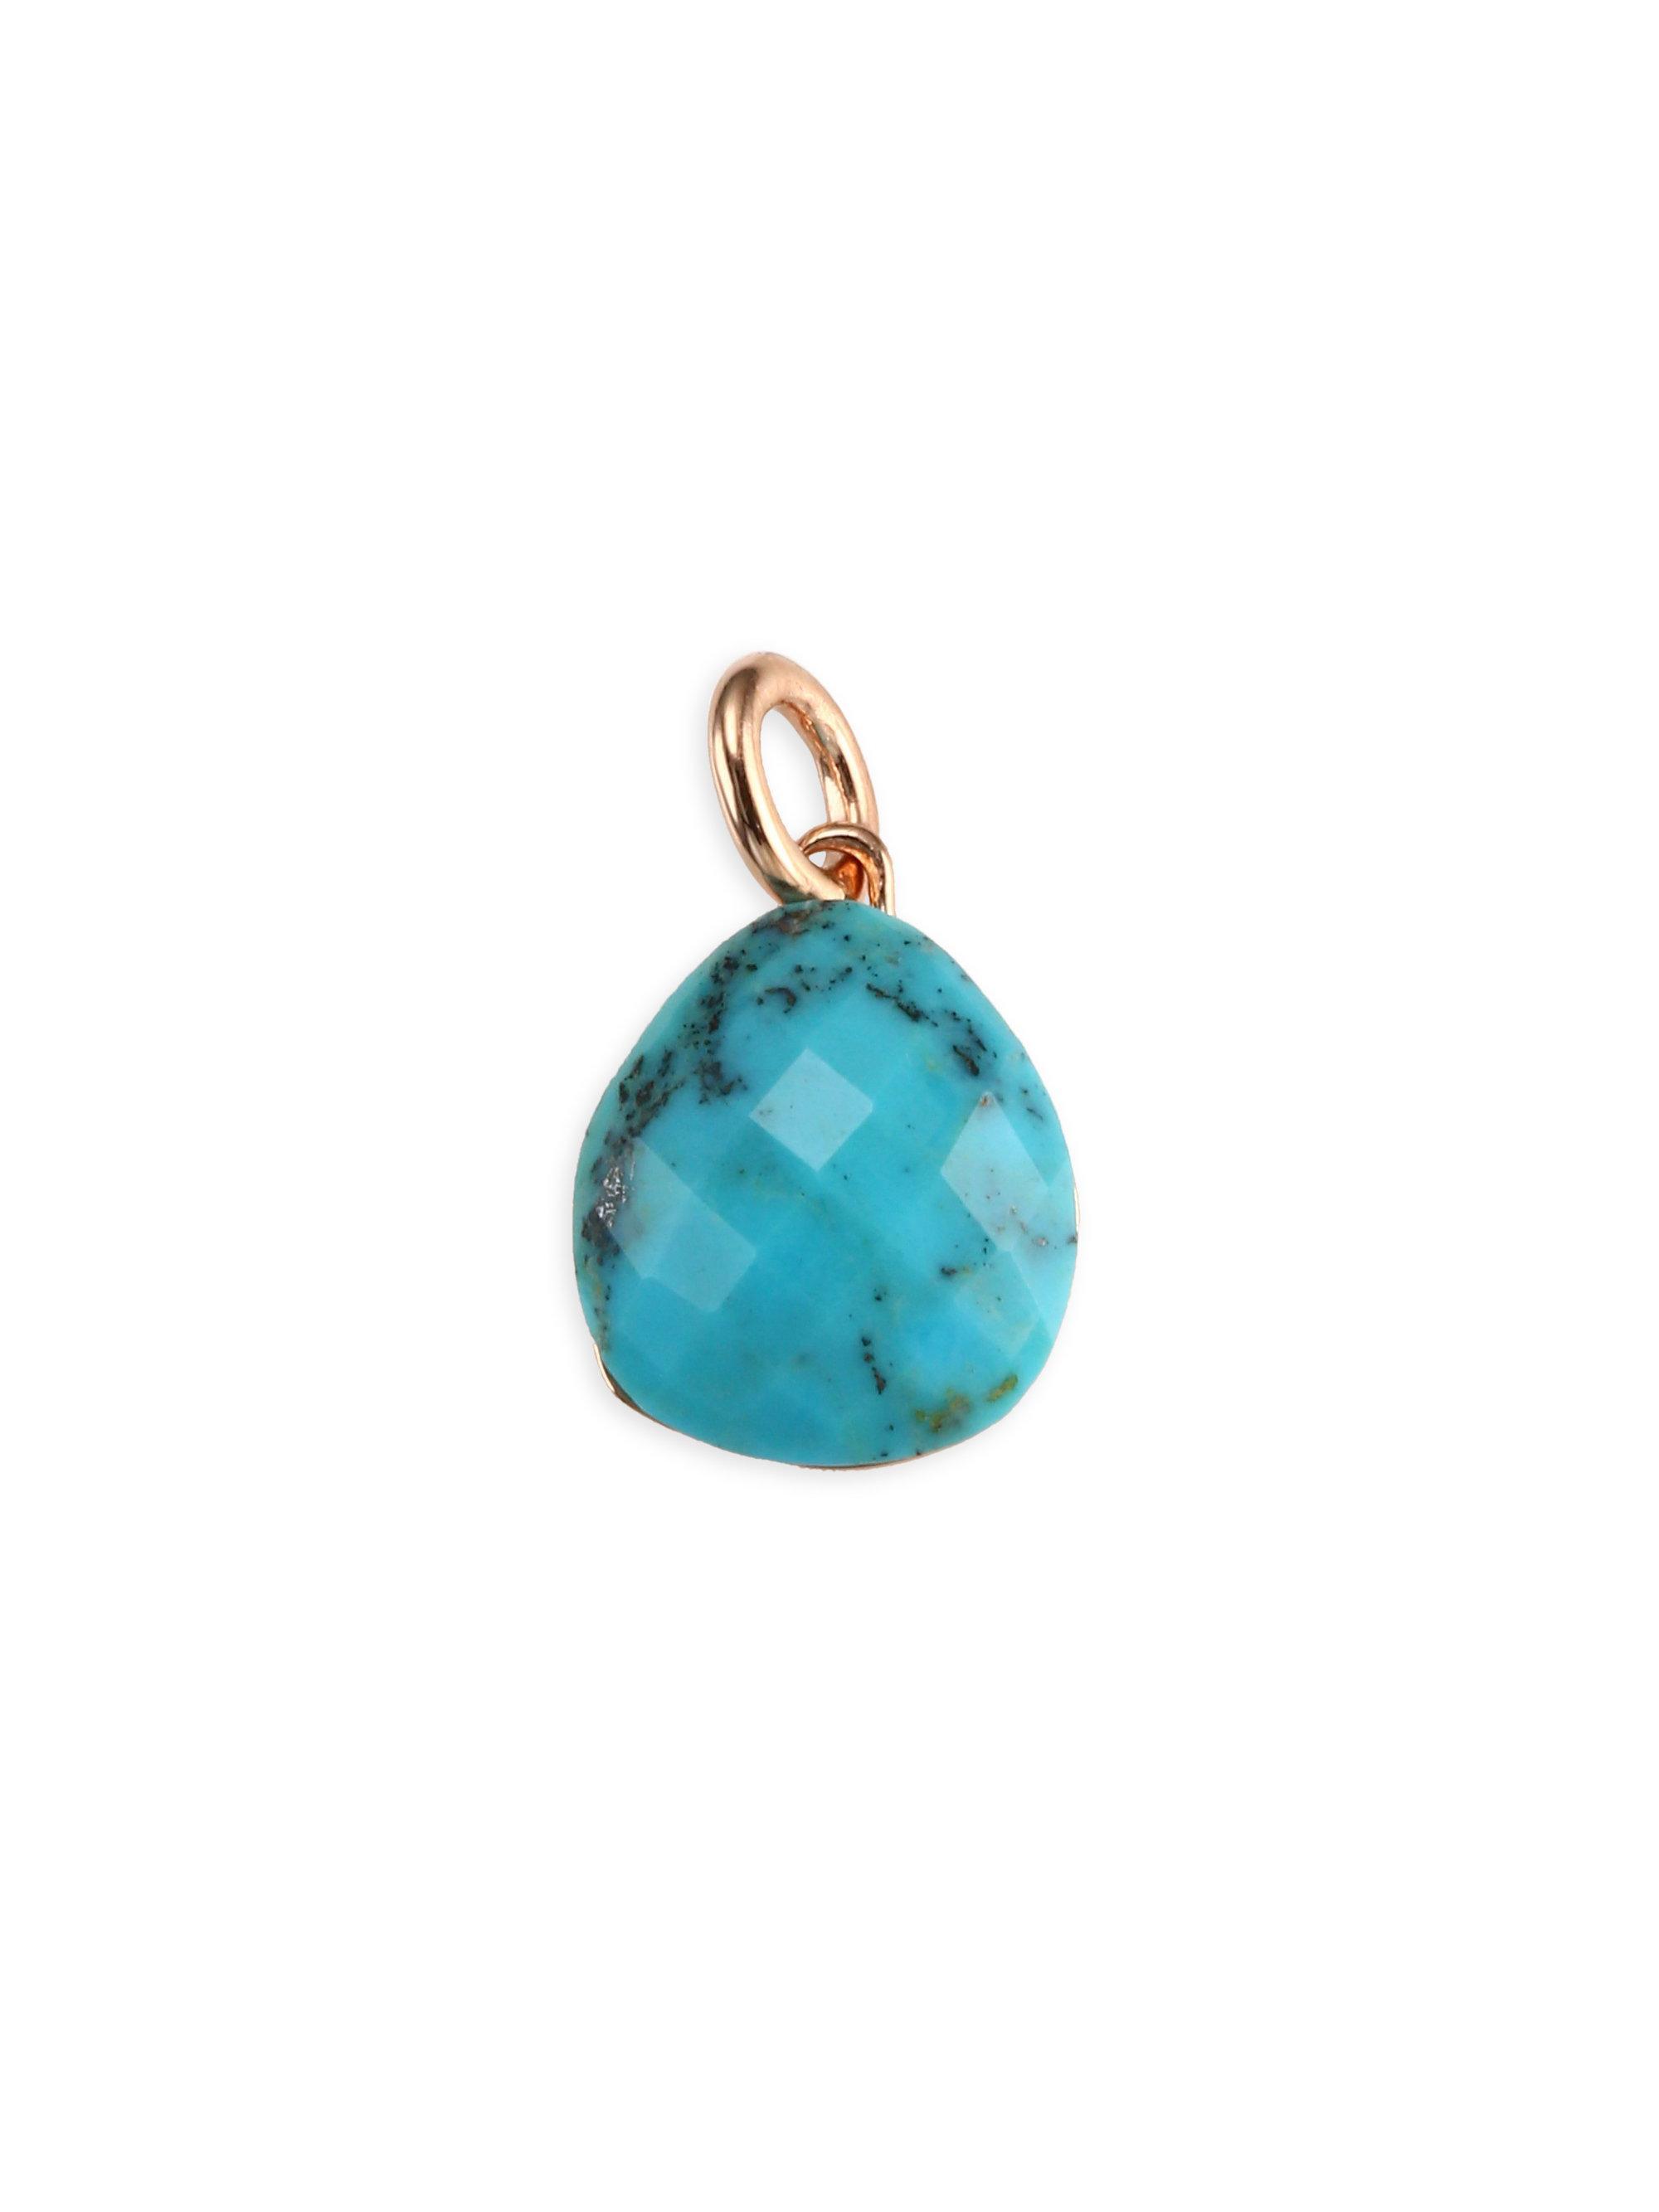 Rose Gold Nura Pebble Pendant Turquoise Monica Vinader mYeKL6Vty